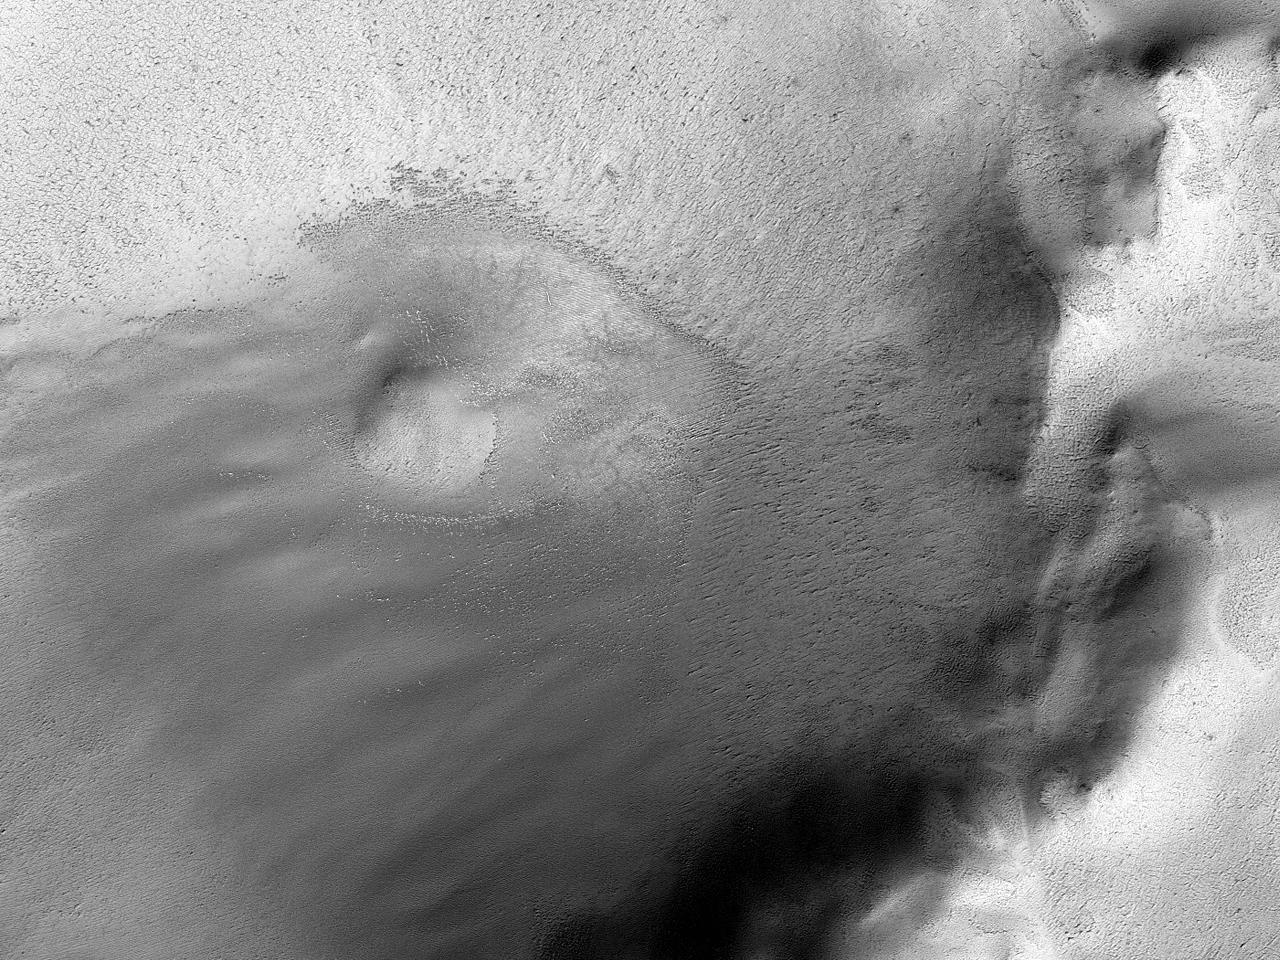 Crater foarte erodat și teren înghețat în regiunea polară marțiană